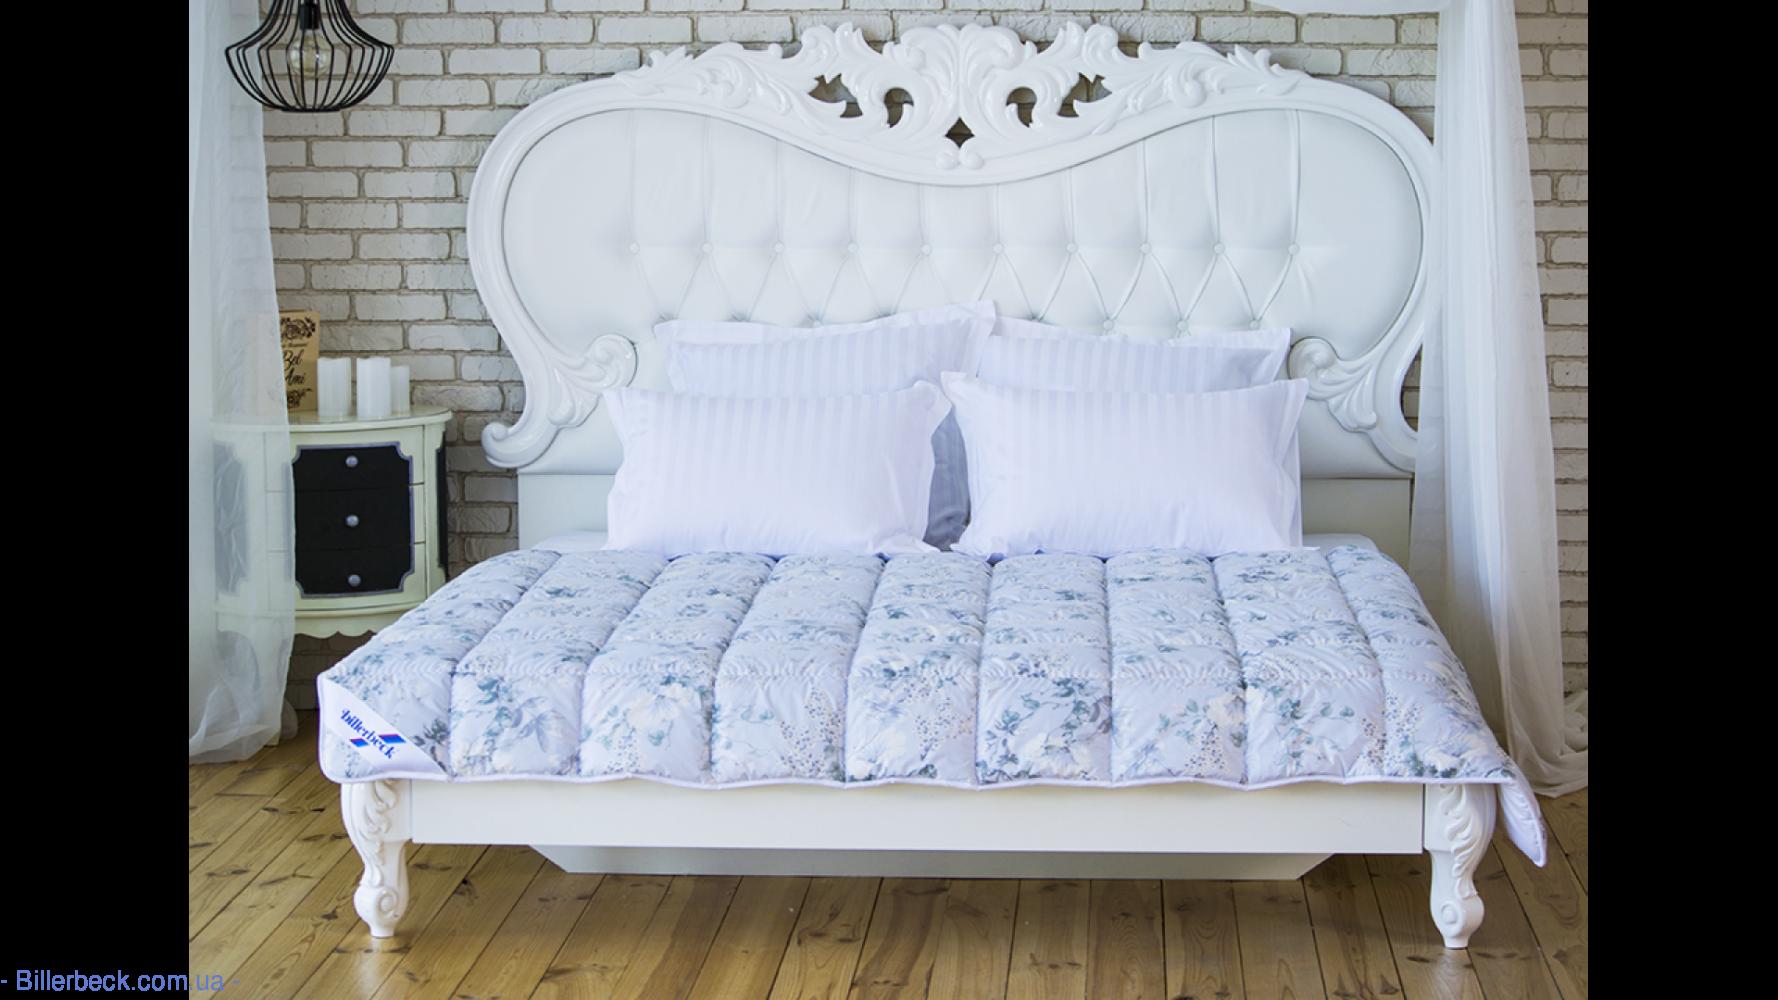 Одеяло Флоренция облегченное Billerbeck - 10